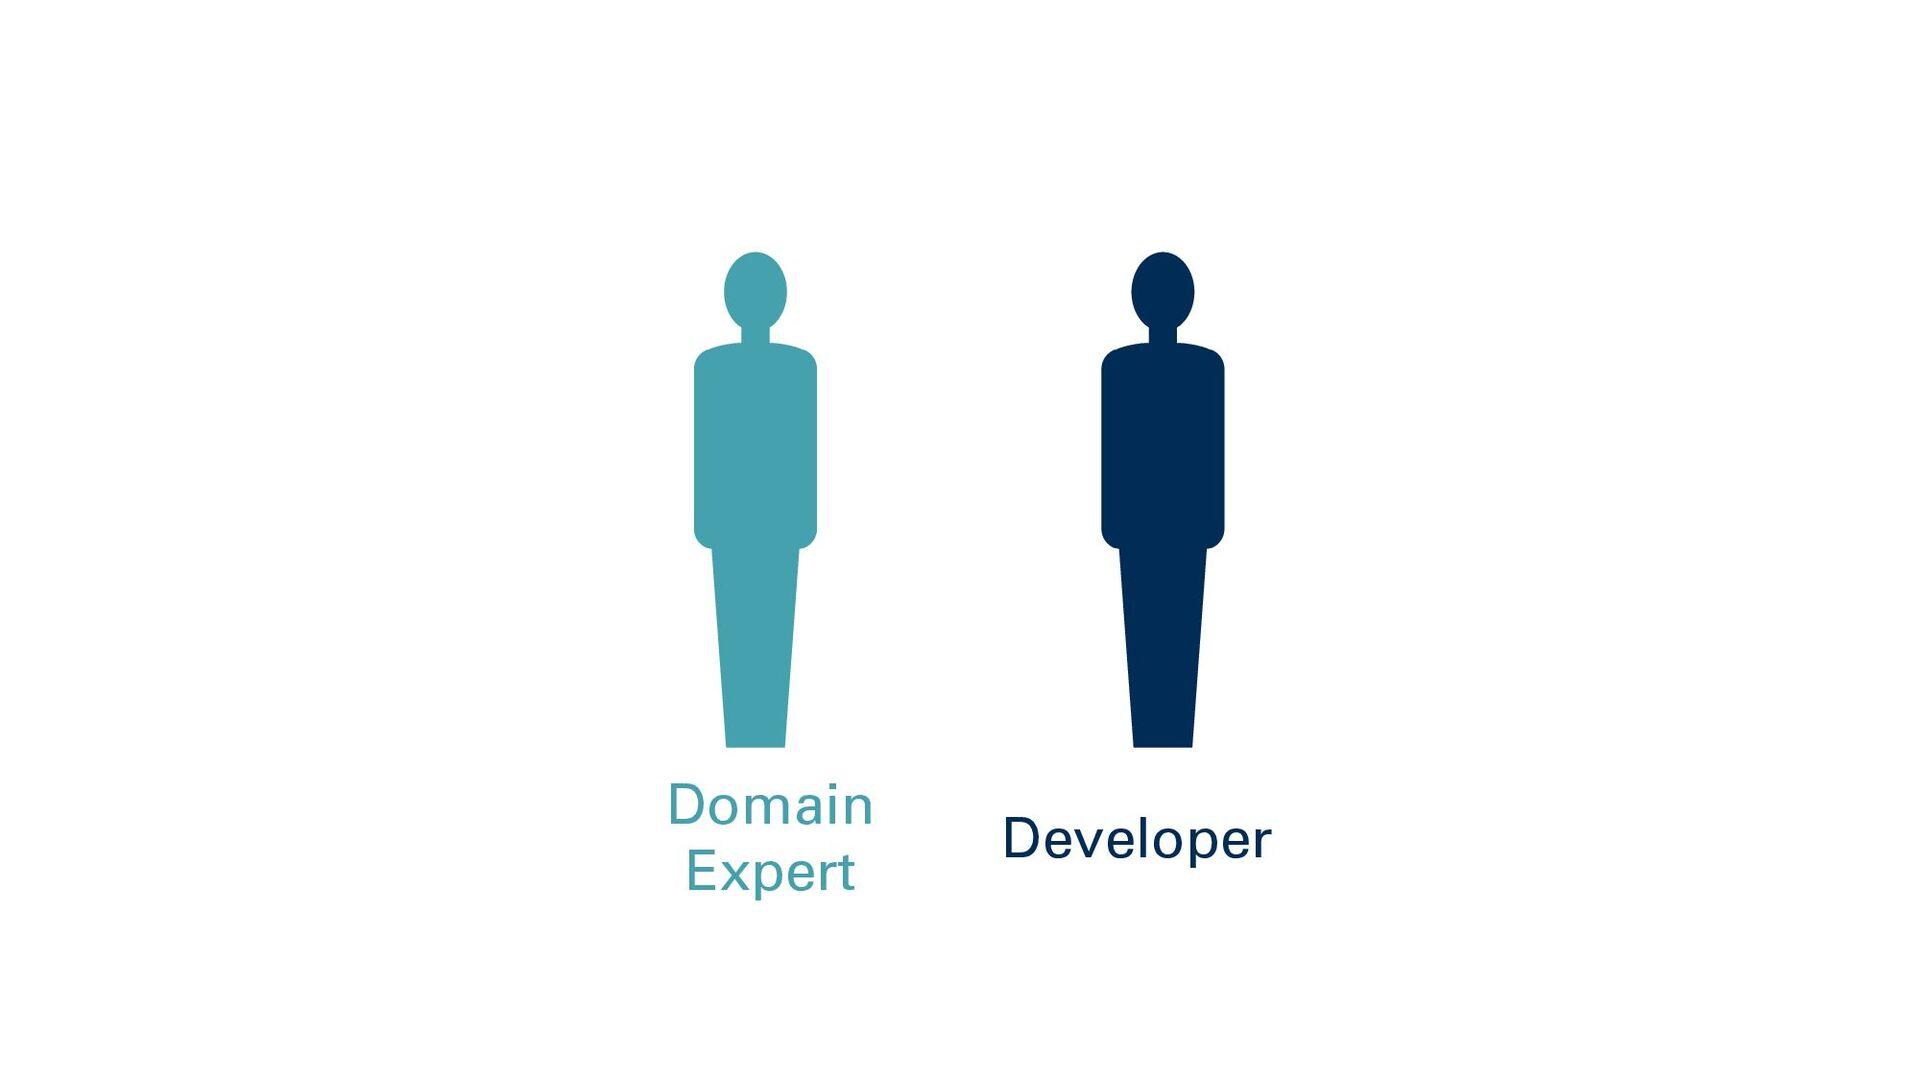 http://www.domainstorytelling.org